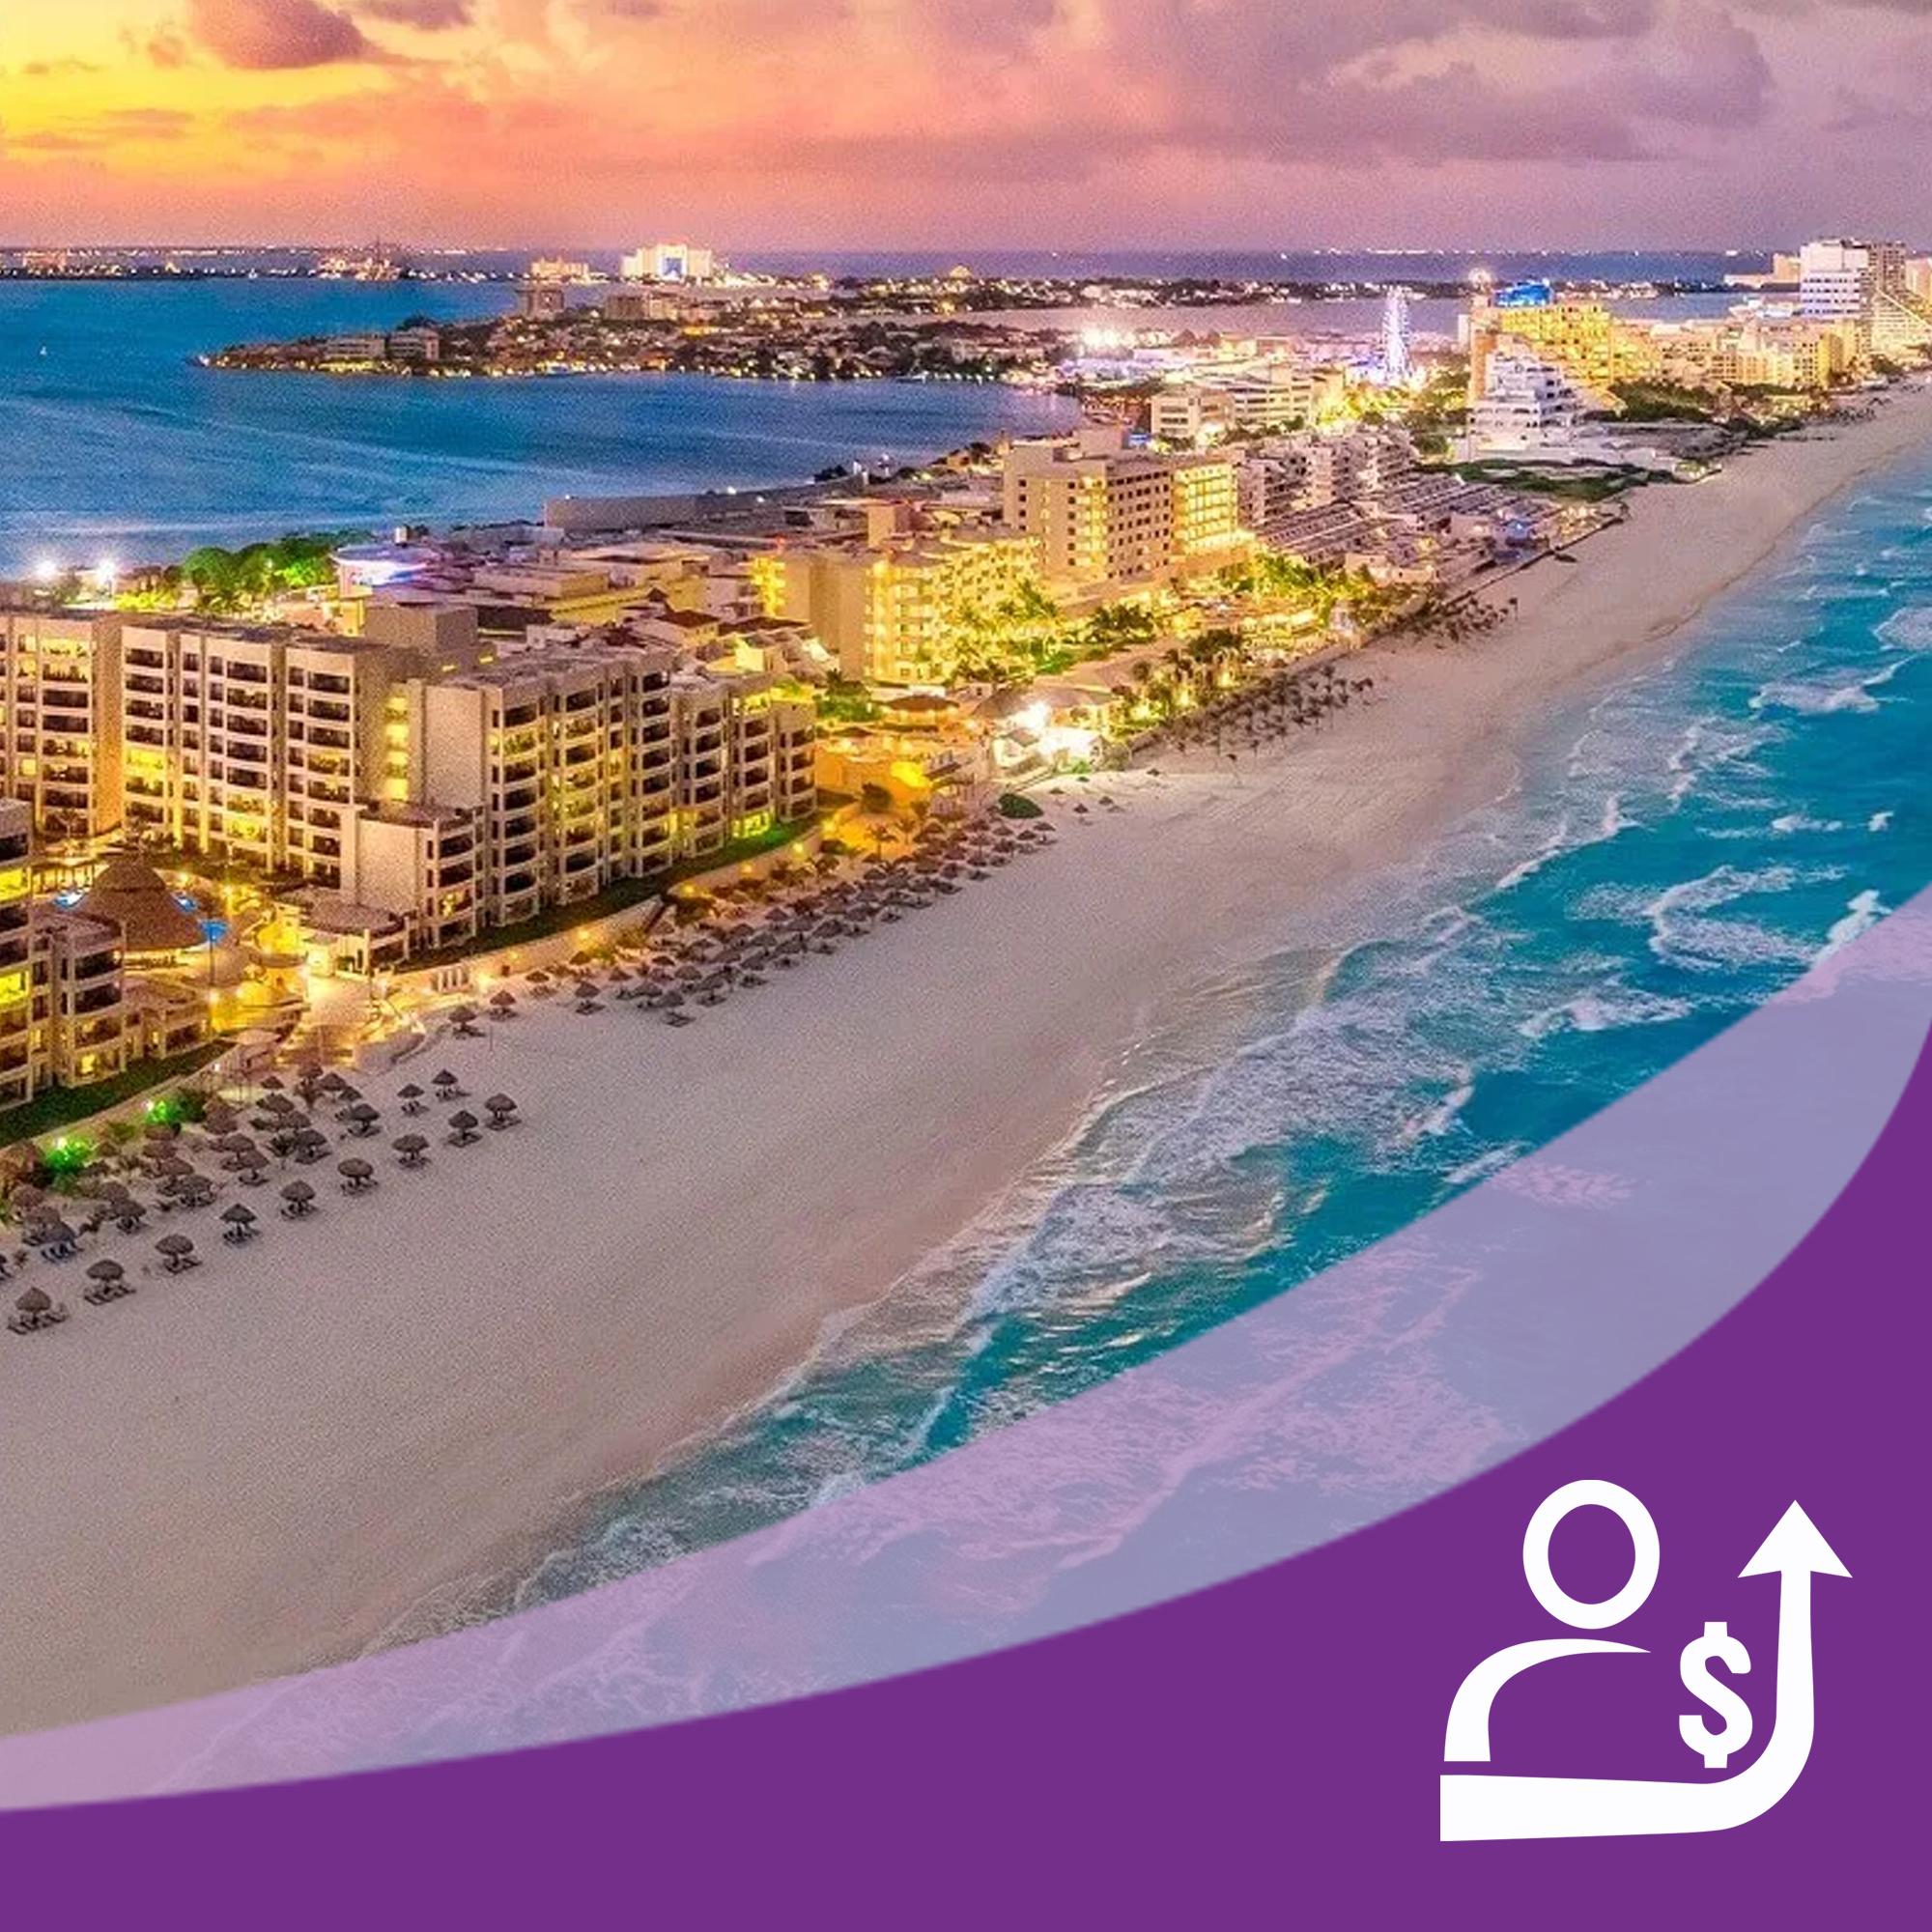 Aumentar 100% al salario mínimo en zonas turísticas.